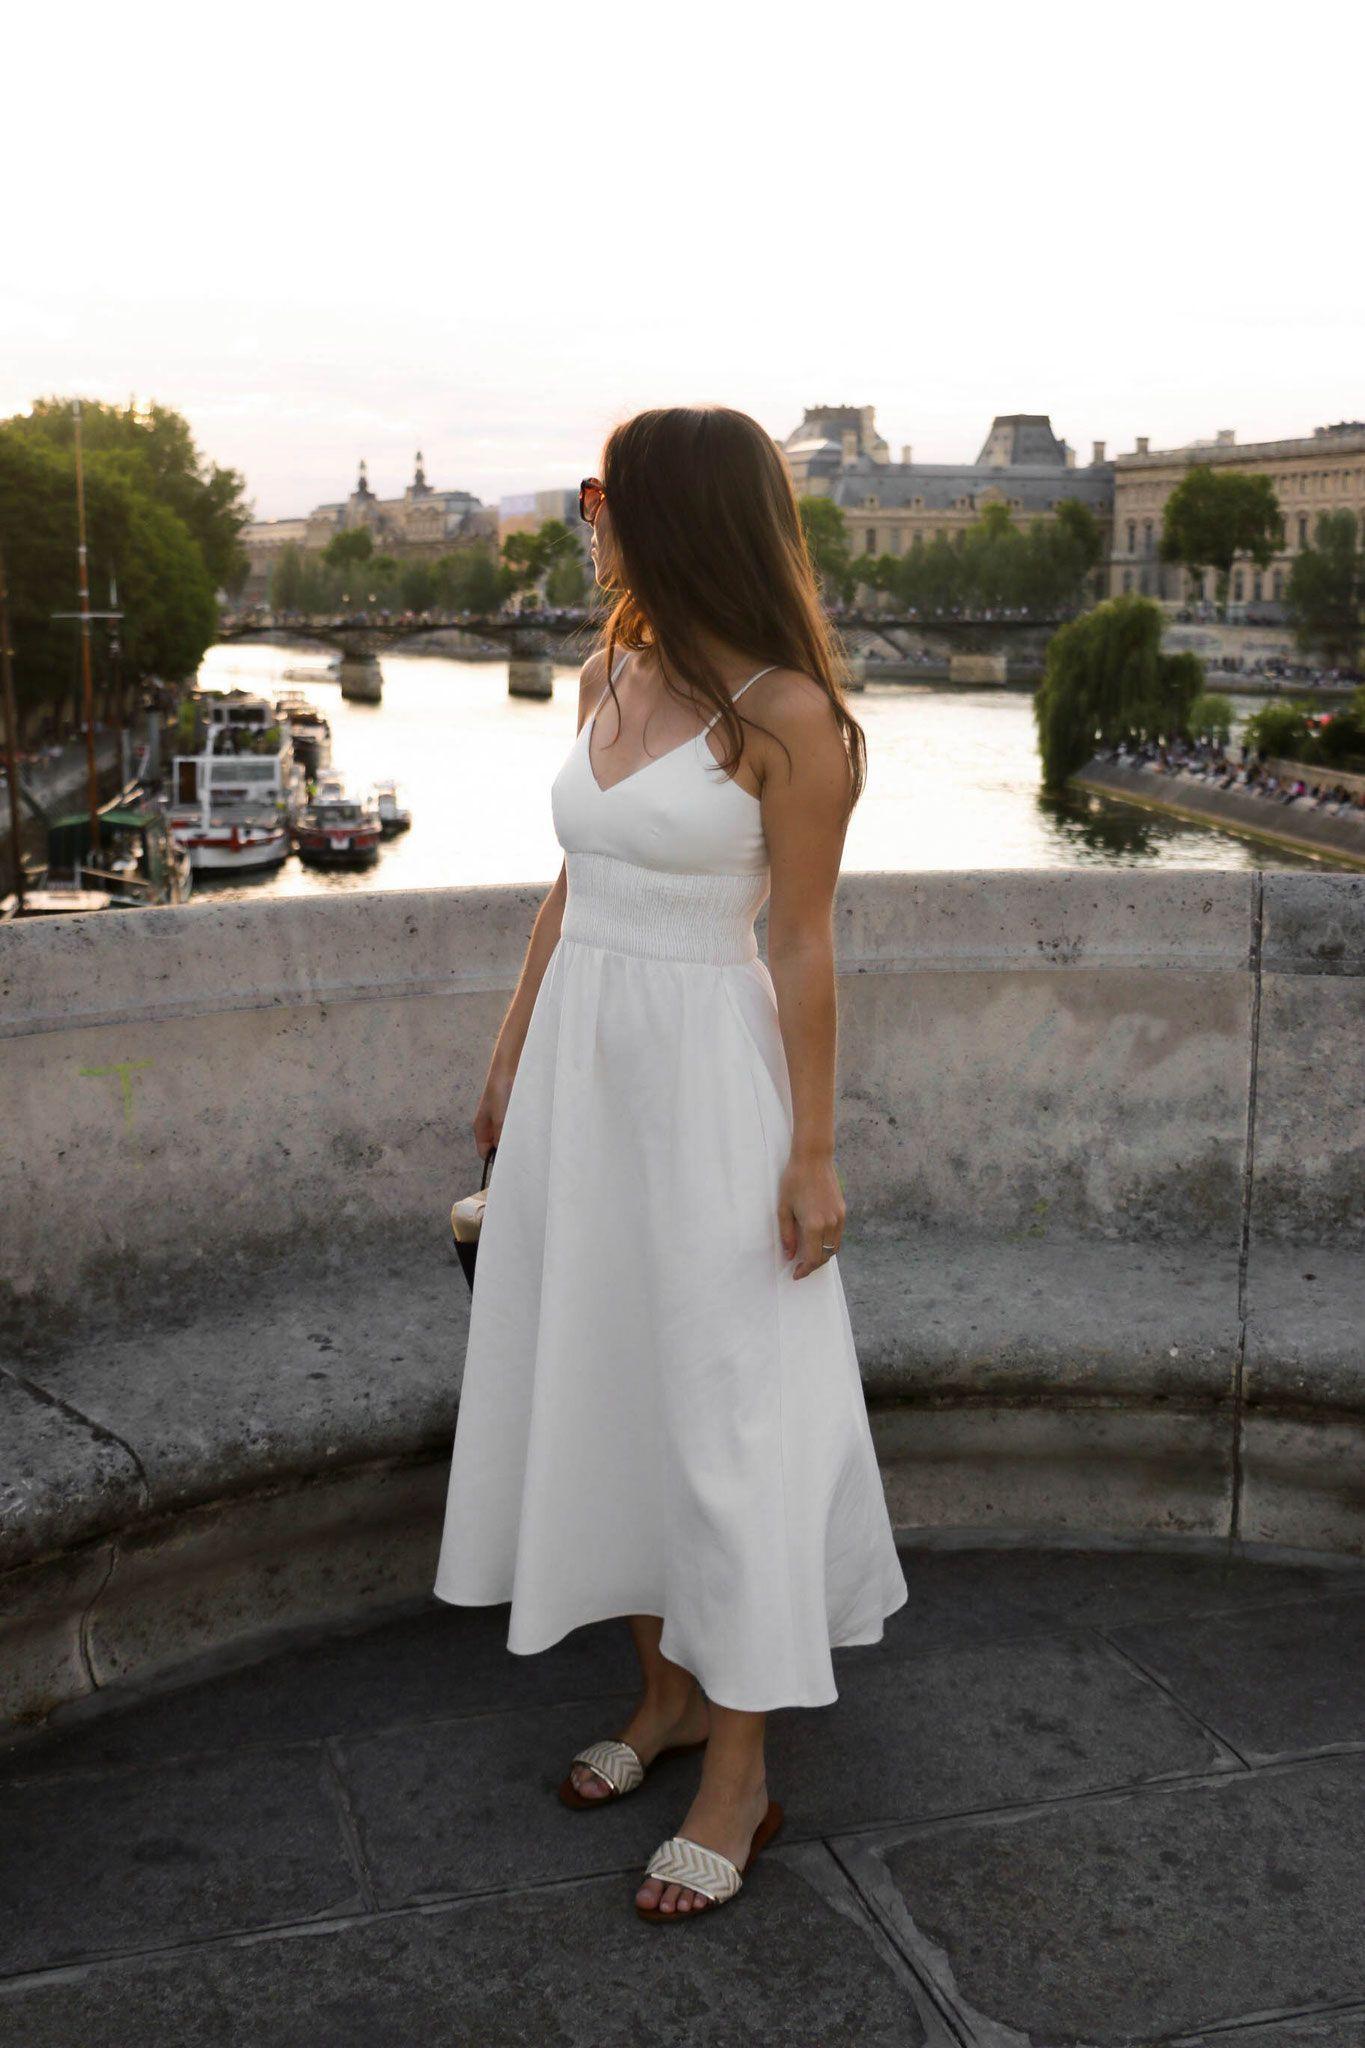 17 Luxurius Zara Kleider Abend ÄrmelAbend Luxurius Zara Kleider Abend Boutique